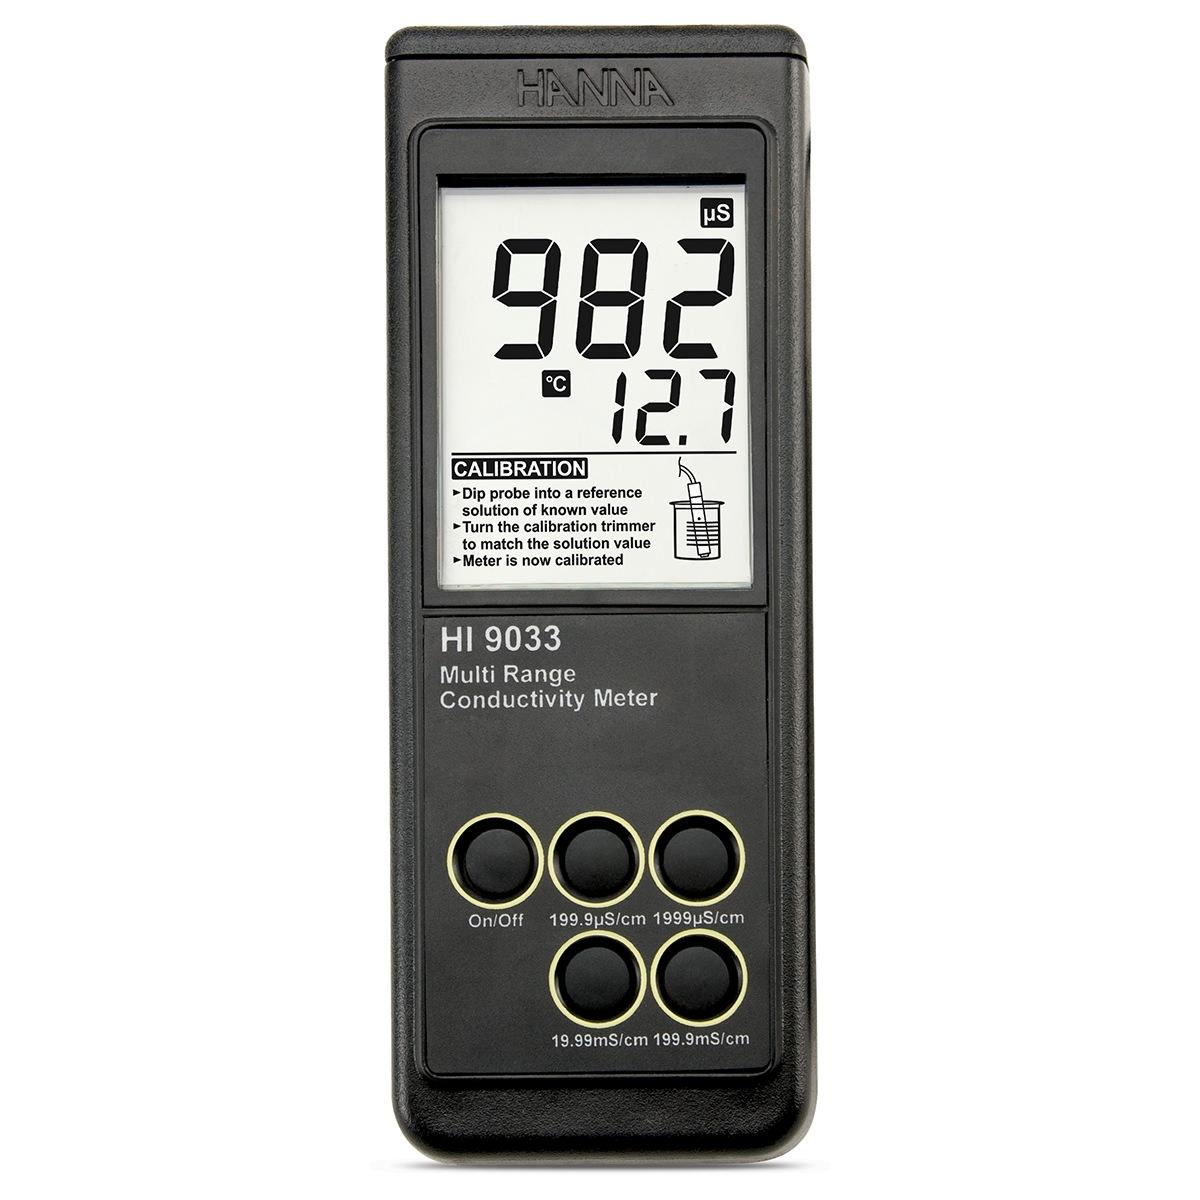 Medidor de Conductividad Resistente, Portátil y a Prueba de Agua - HI9033